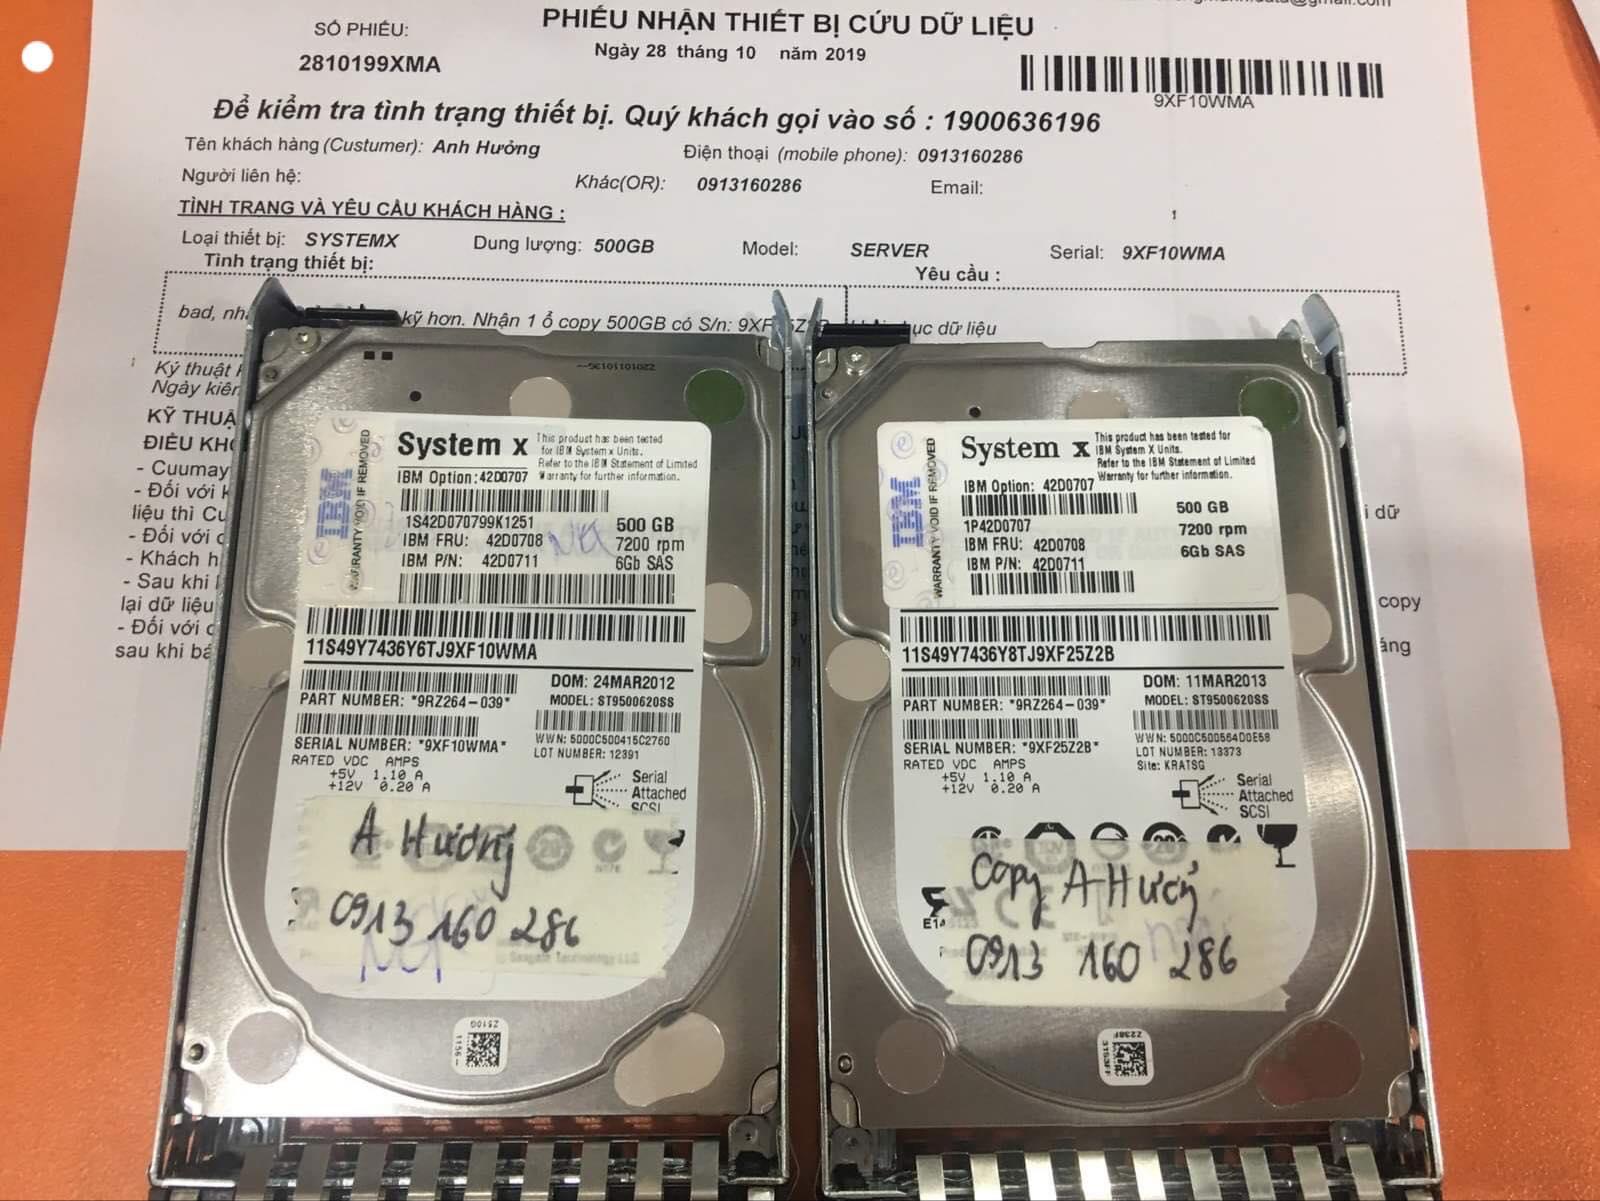 Khôi phục dữ liệu máy chủ SystemX với 1HDDx500GB bị bad 28/10/2019 - cuumaytinh